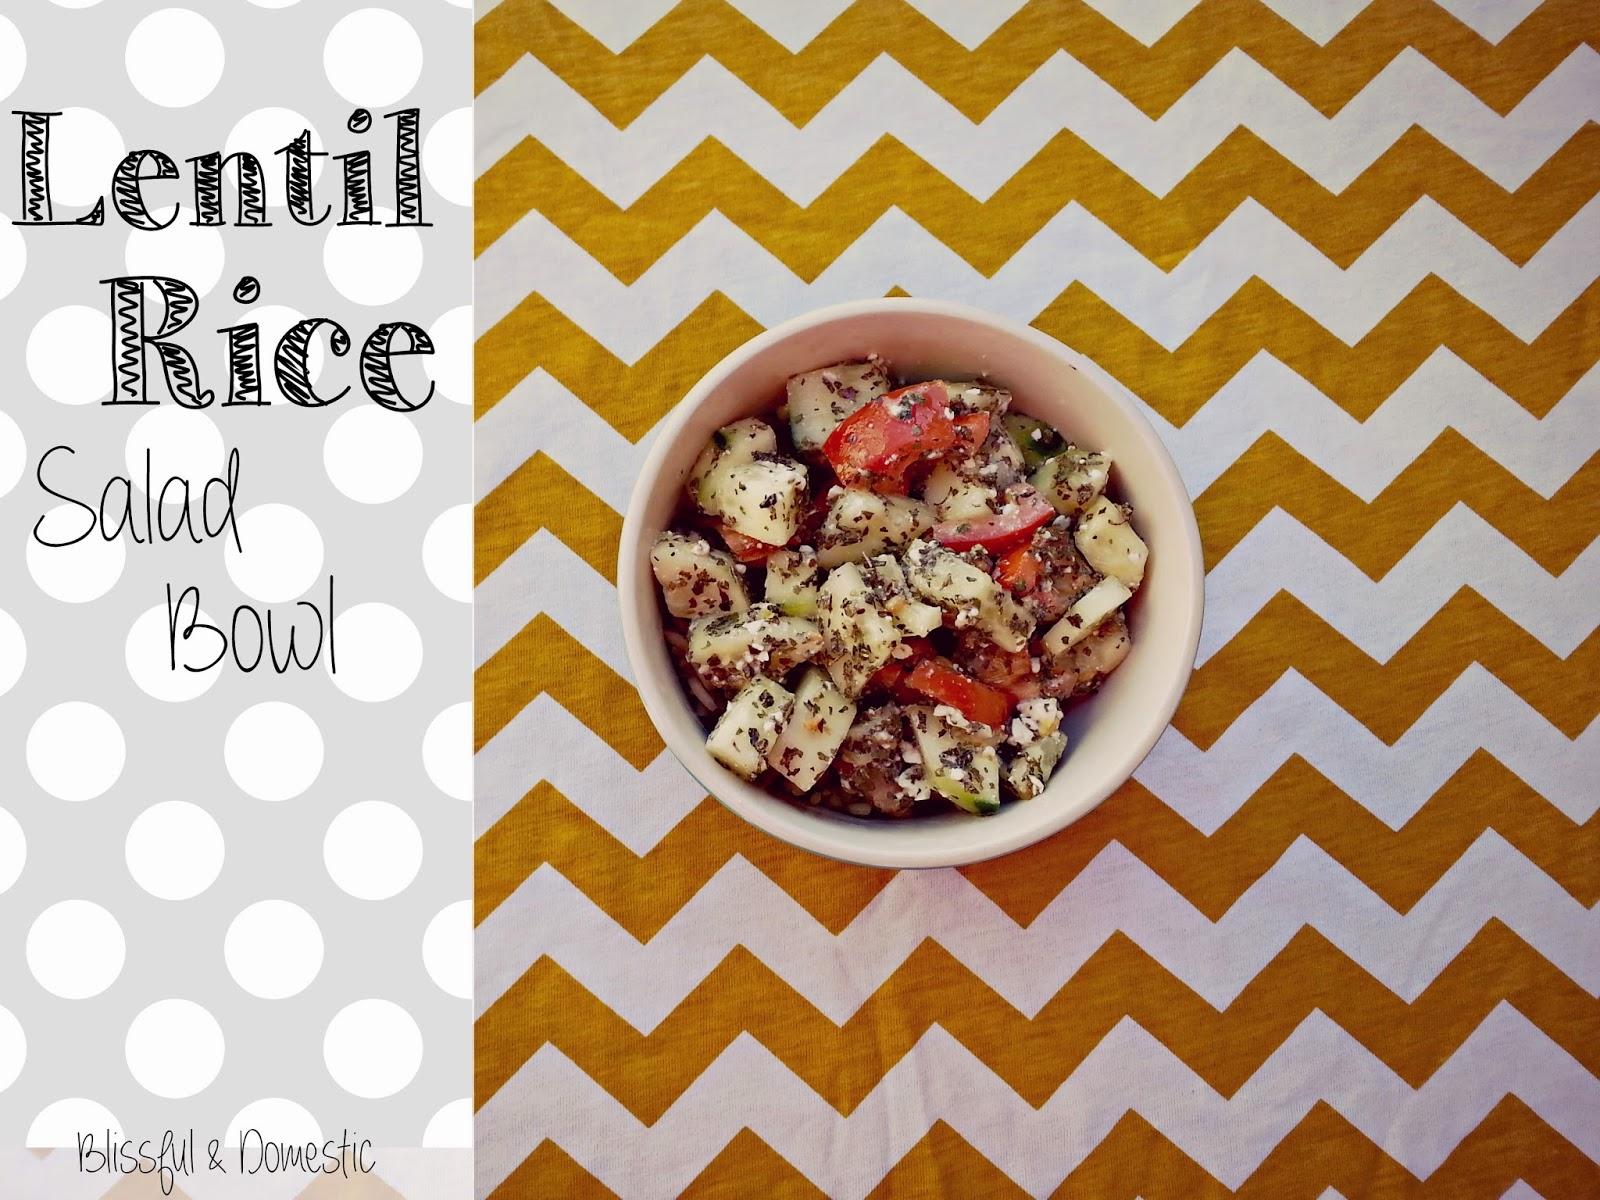 Lentil Rice Salad Bowl...